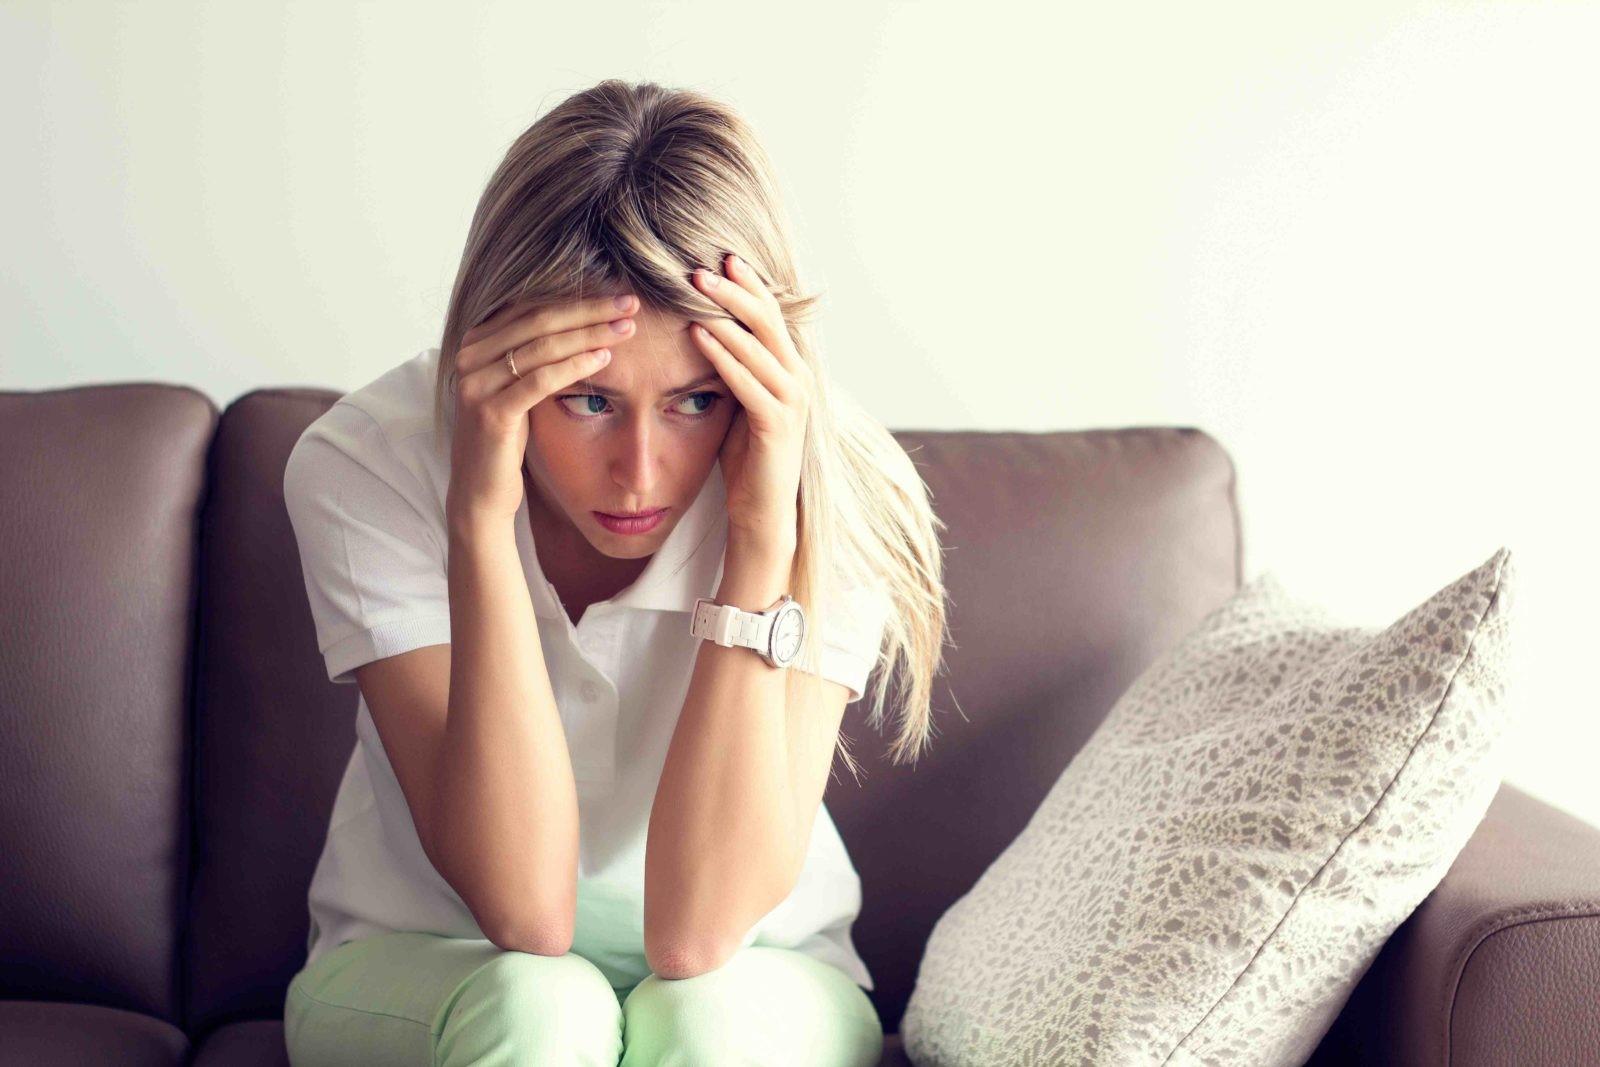 Чувство стыда: чем отличается от вины, особенности, как избавиться